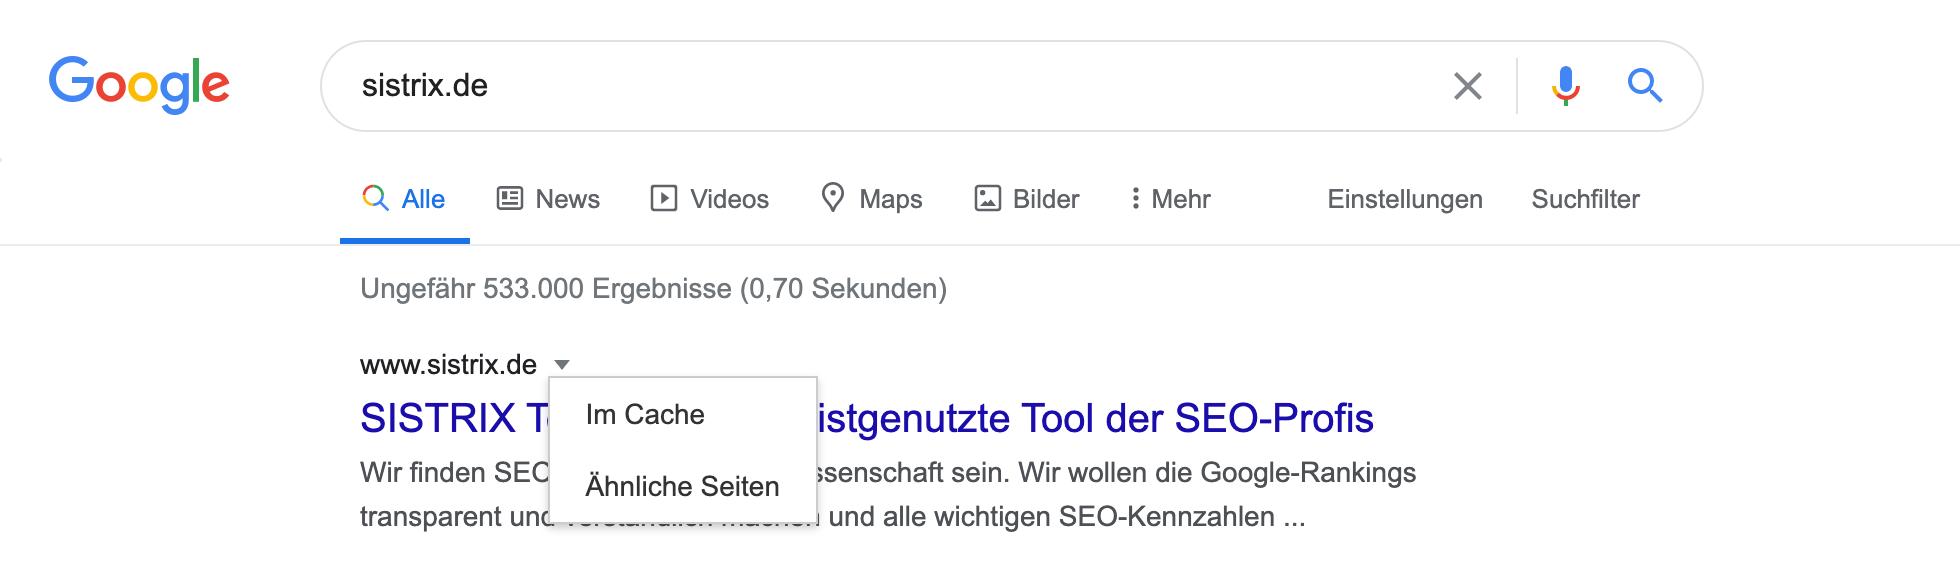 """Zeigt die Funktion """"Im Cache"""" in den Google Suchergebnissen an."""